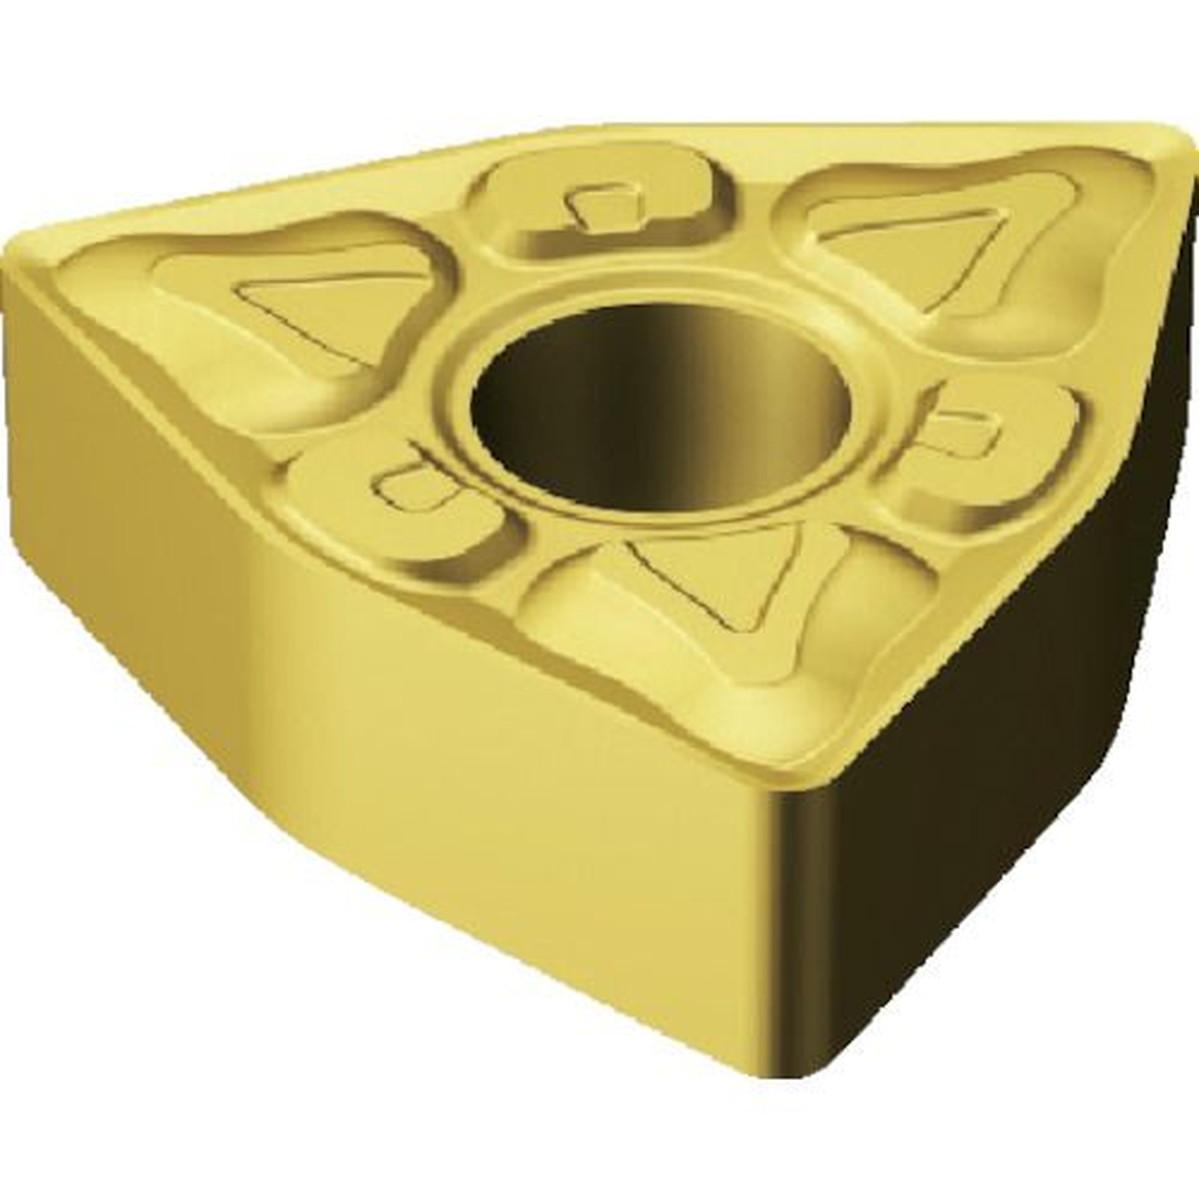 超人気 サンドビック T−MAXPチップ T-MAXPチップ サンドビック 4325 4325 10個, アジアン雑貨&家具ANGKASA:aa169393 --- promotime.lt